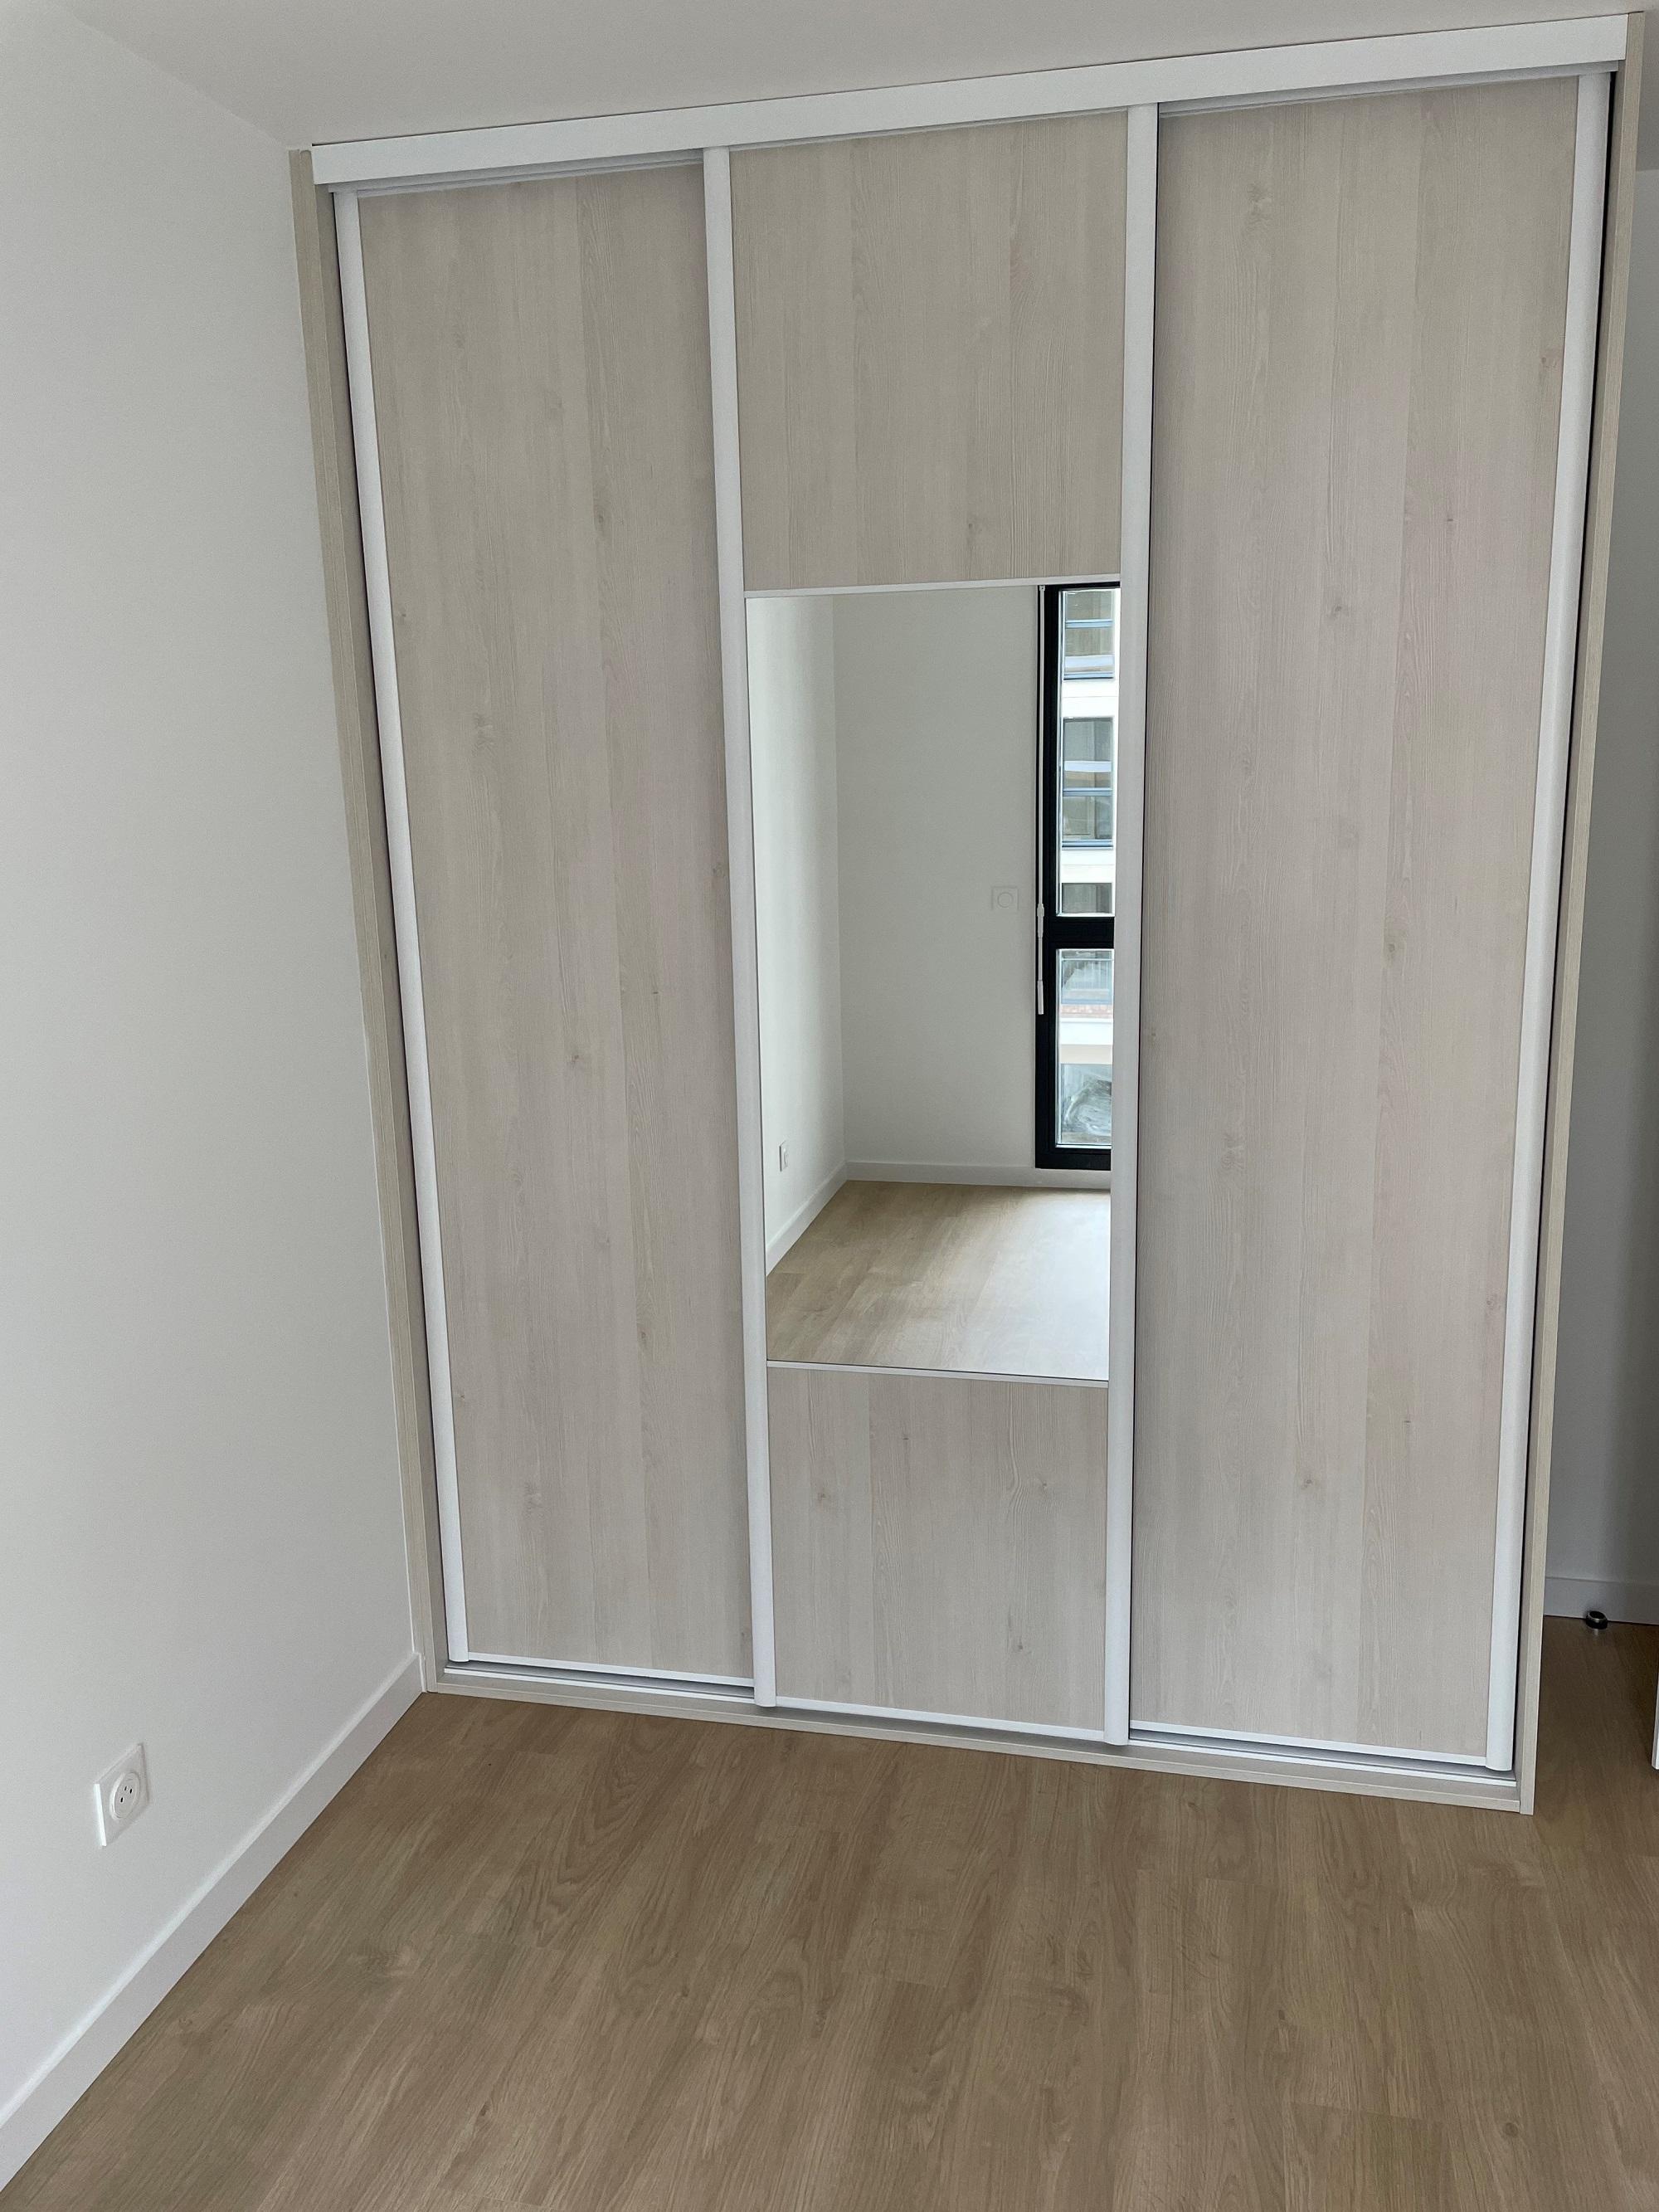 espace-placard-portes-coulissantes-1-1